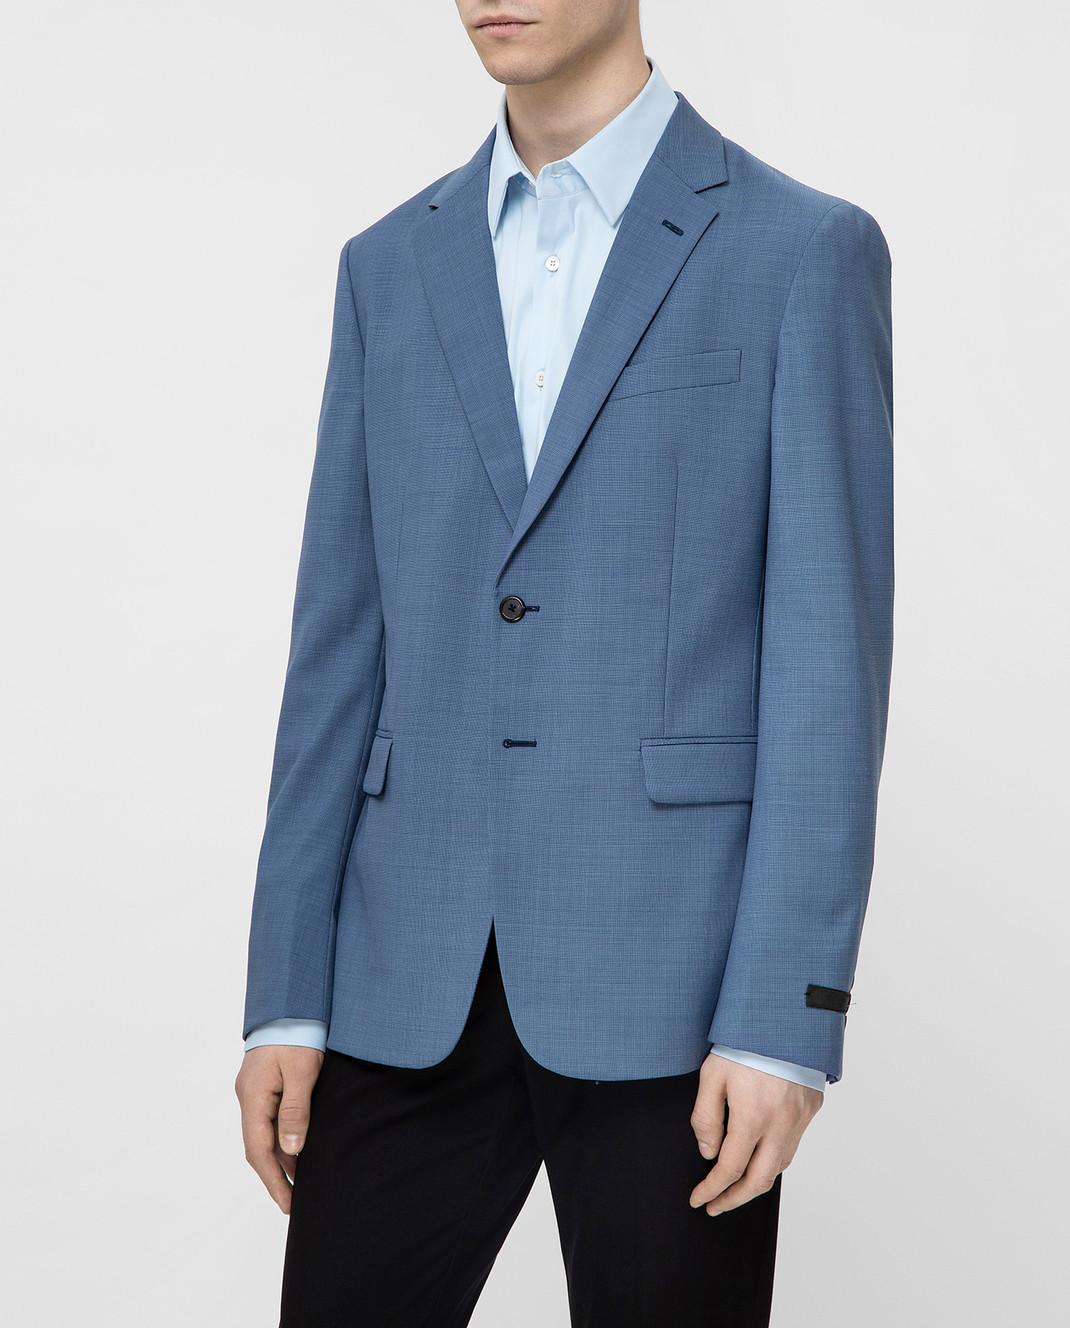 Prada Синий пиджак UGF9421S5T изображение 3